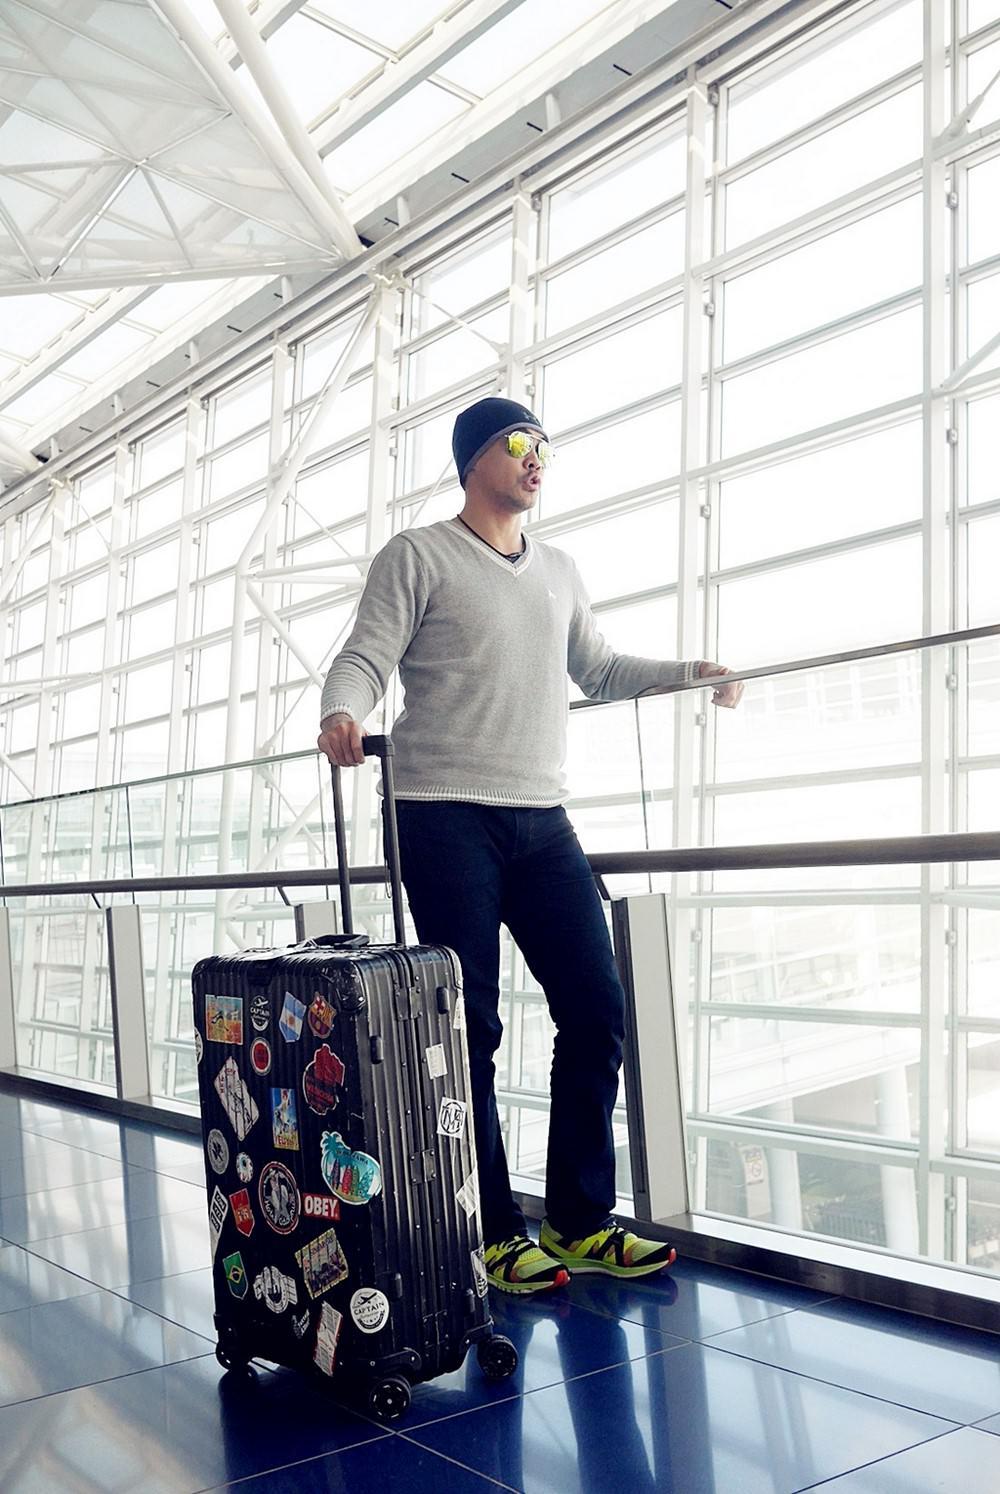 日本旅遊,冬季旅遊行前準備,雪地穿搭,日本東北旅行,保暖穿搭,650